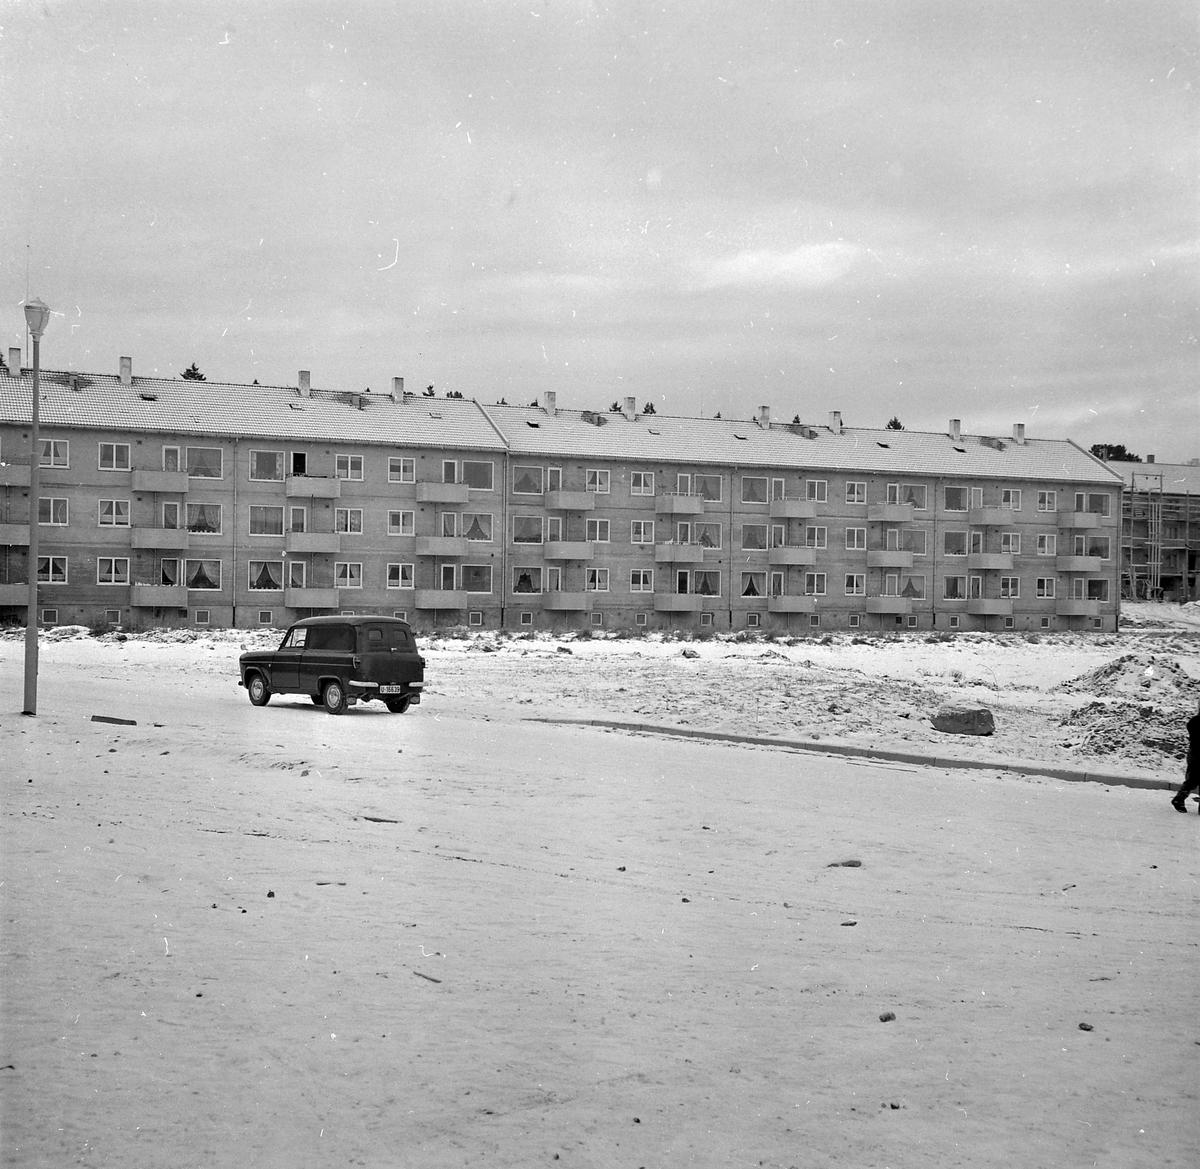 Blokkbebyggelse på Nyborg med Sverresborg Trøndelag Folkemuseum og Wullumsgården i bakgrunnen